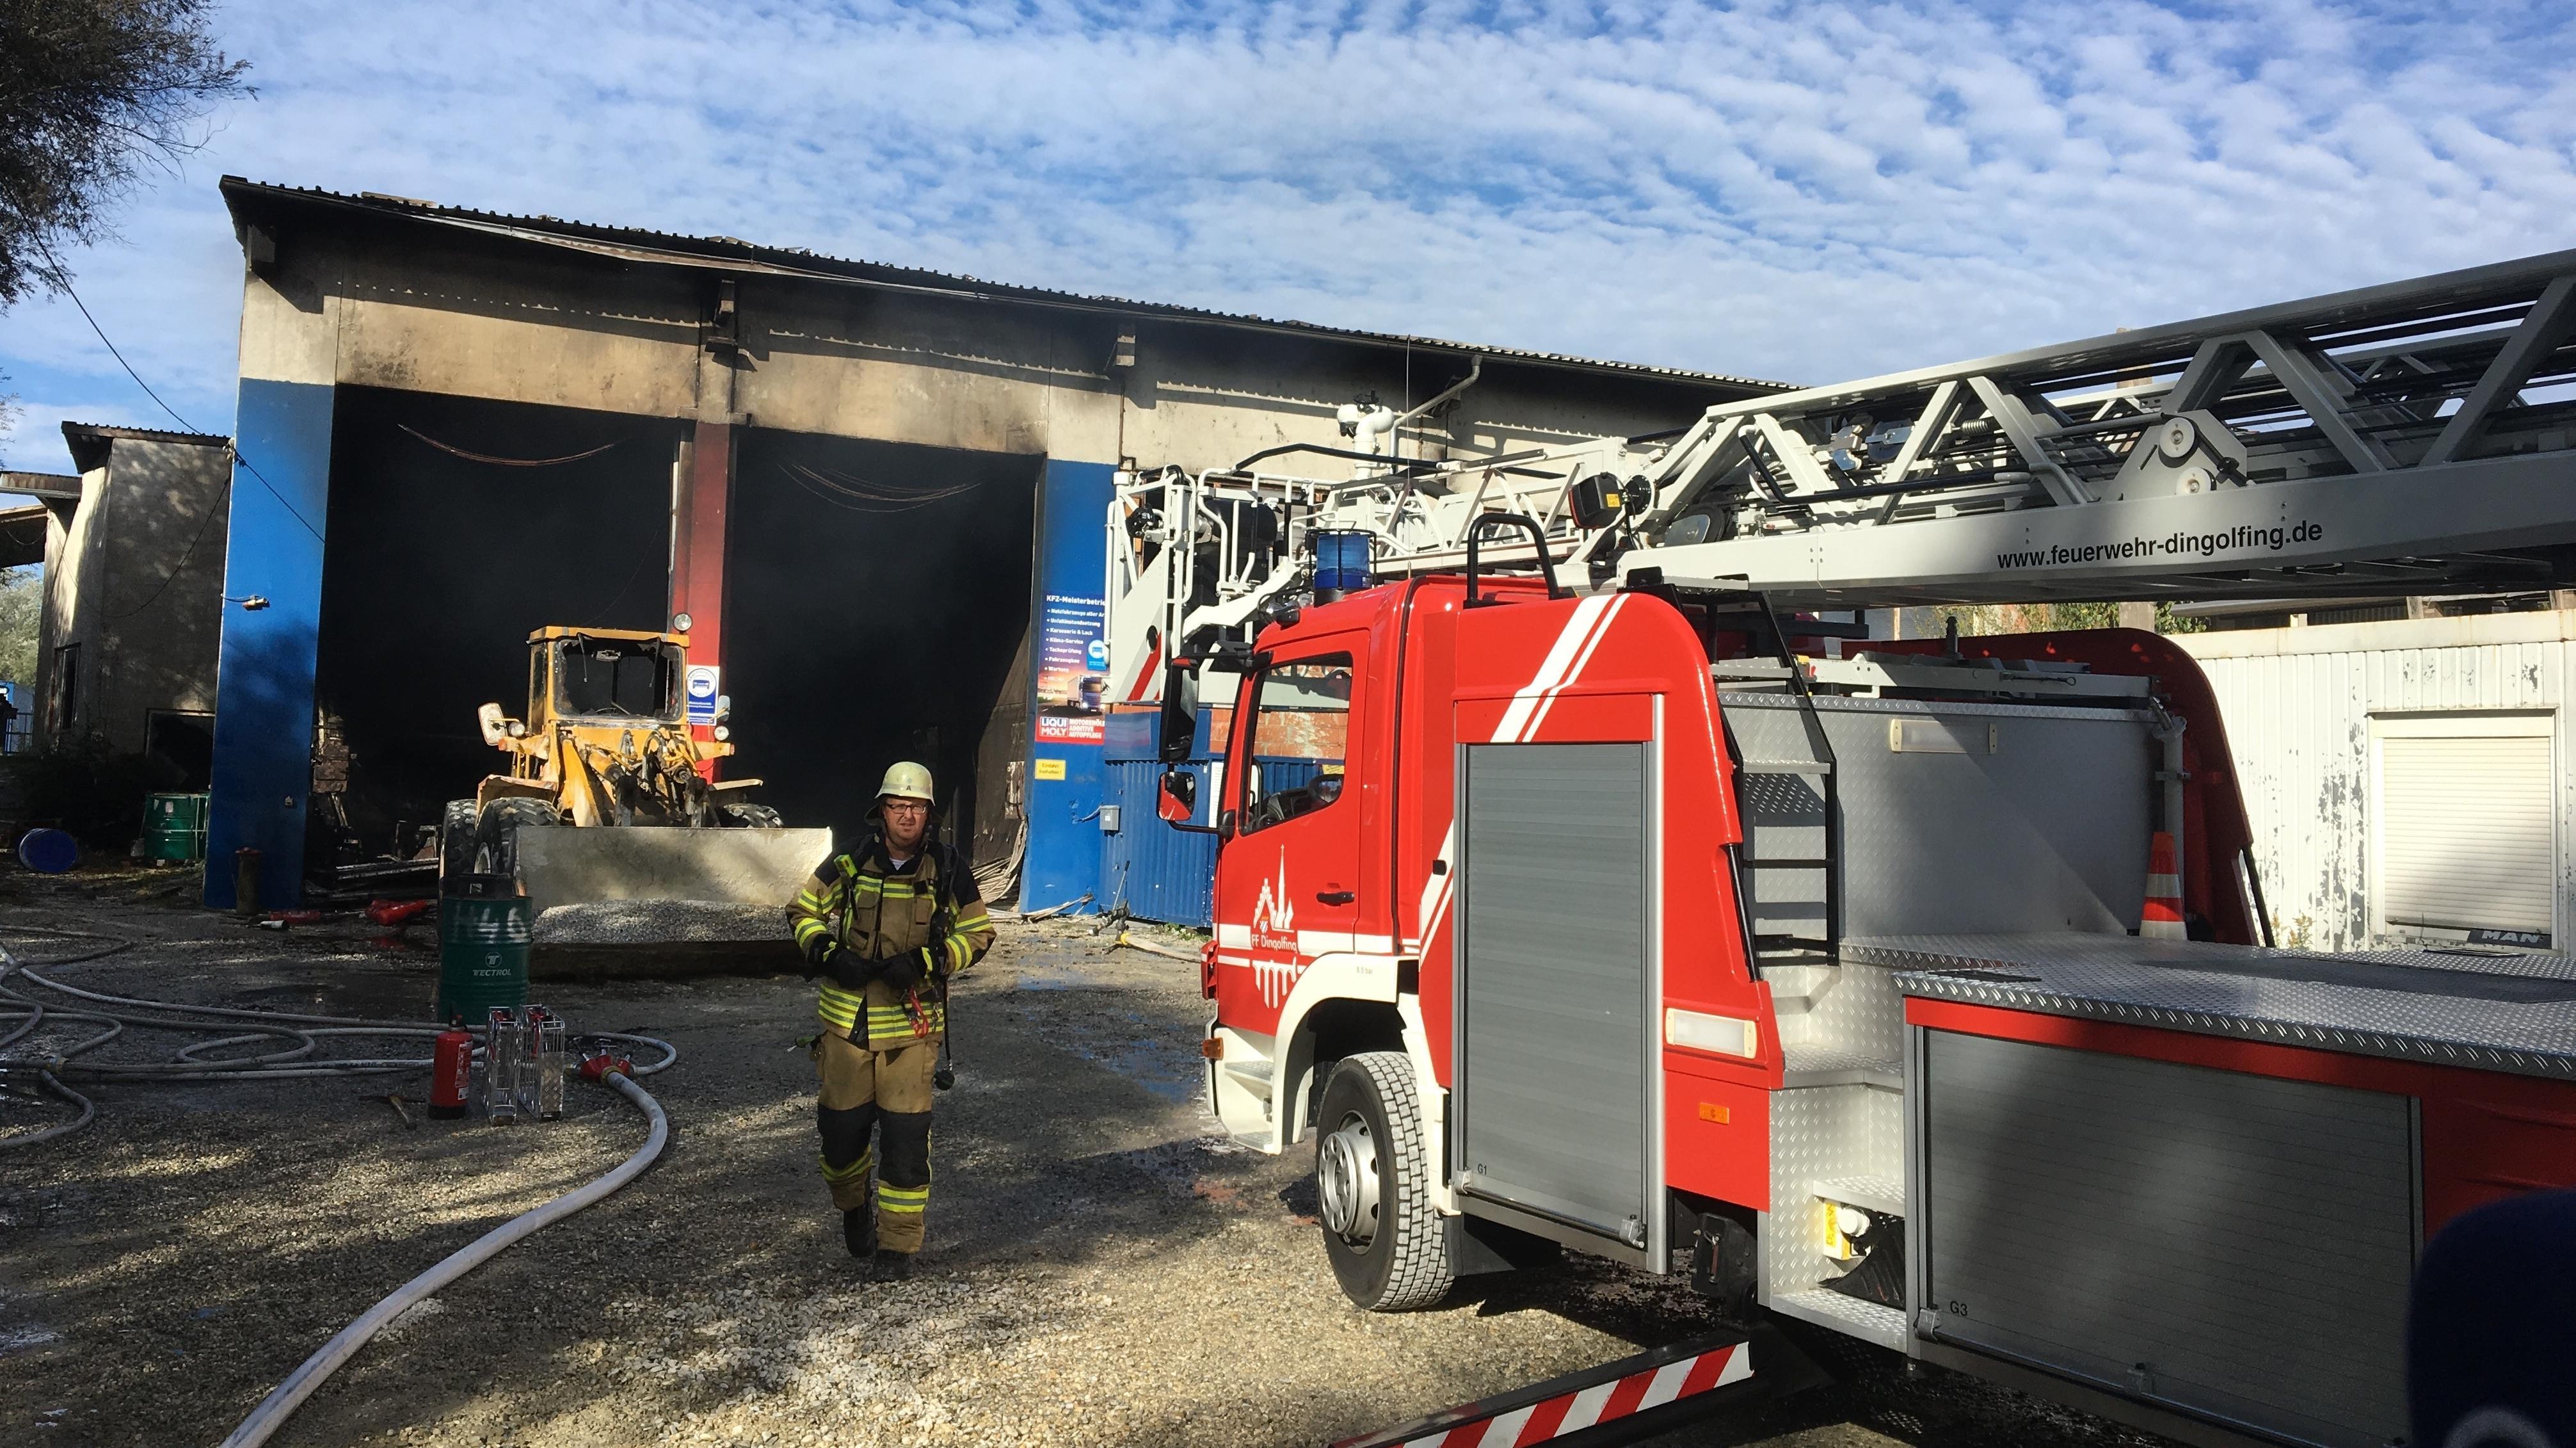 Ein Einsatzfahrzeug der Feuerwehr steht vor der brennenden Halle